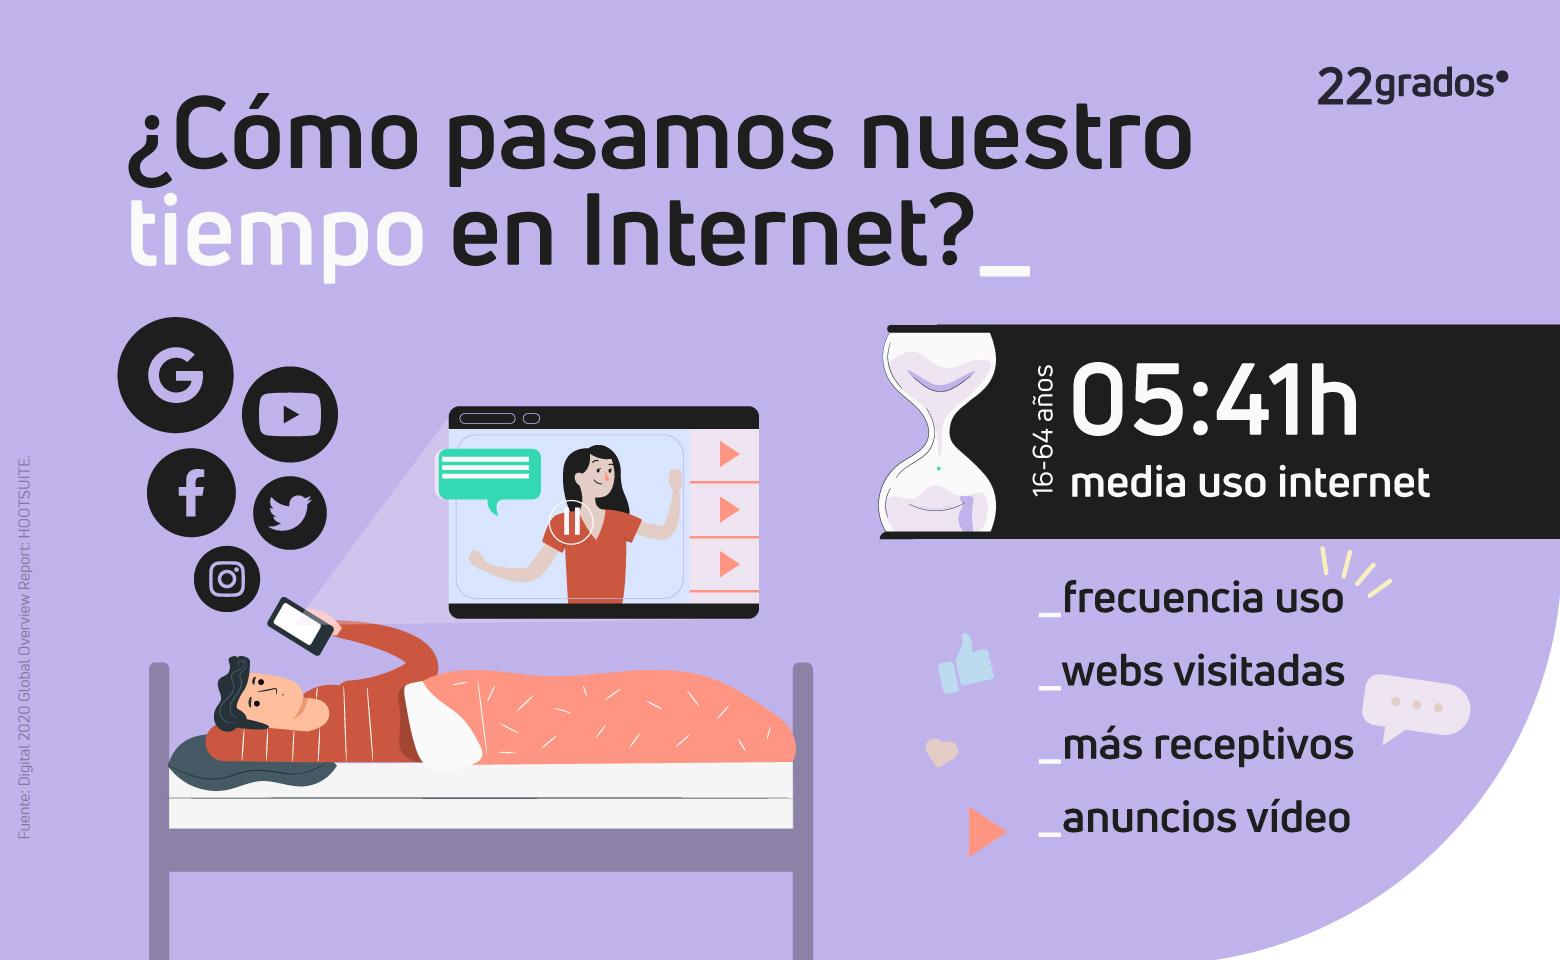 ¿Cómo pasamos nuestro tiempo en Internet?